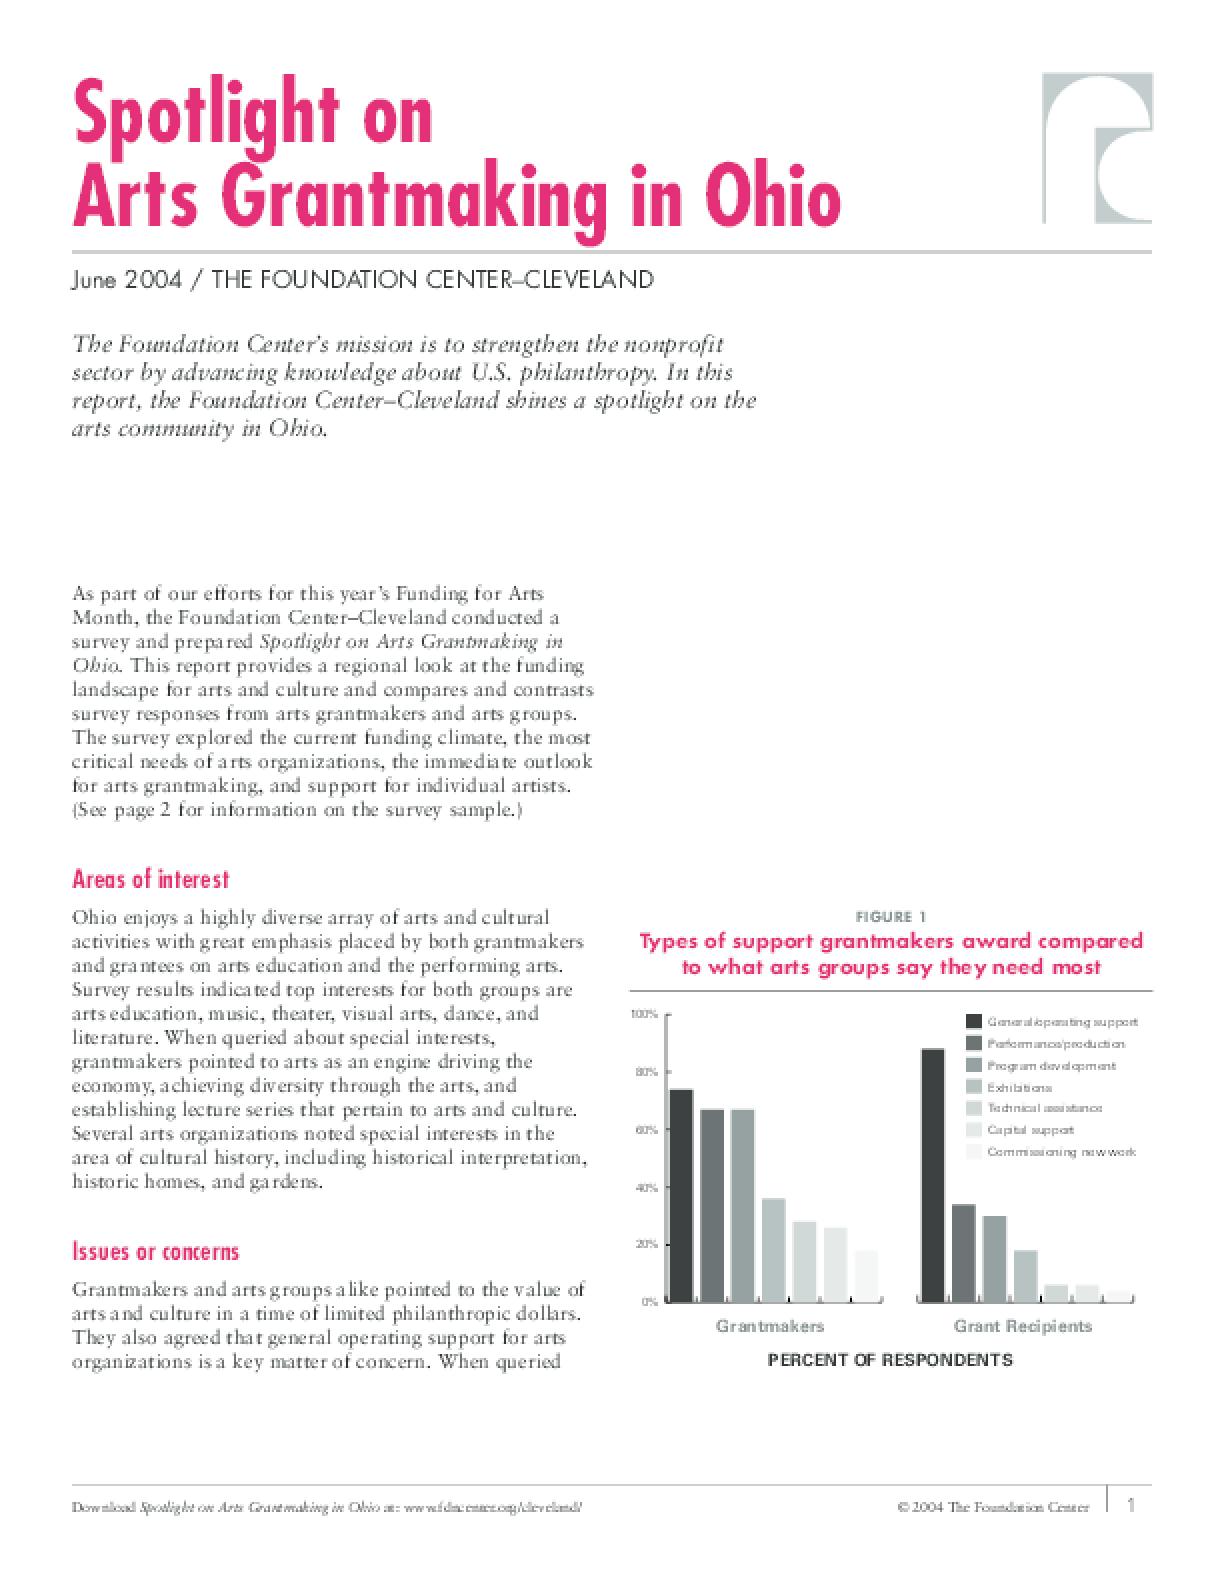 Spotlight on Arts Grantmaking in Ohio 2004